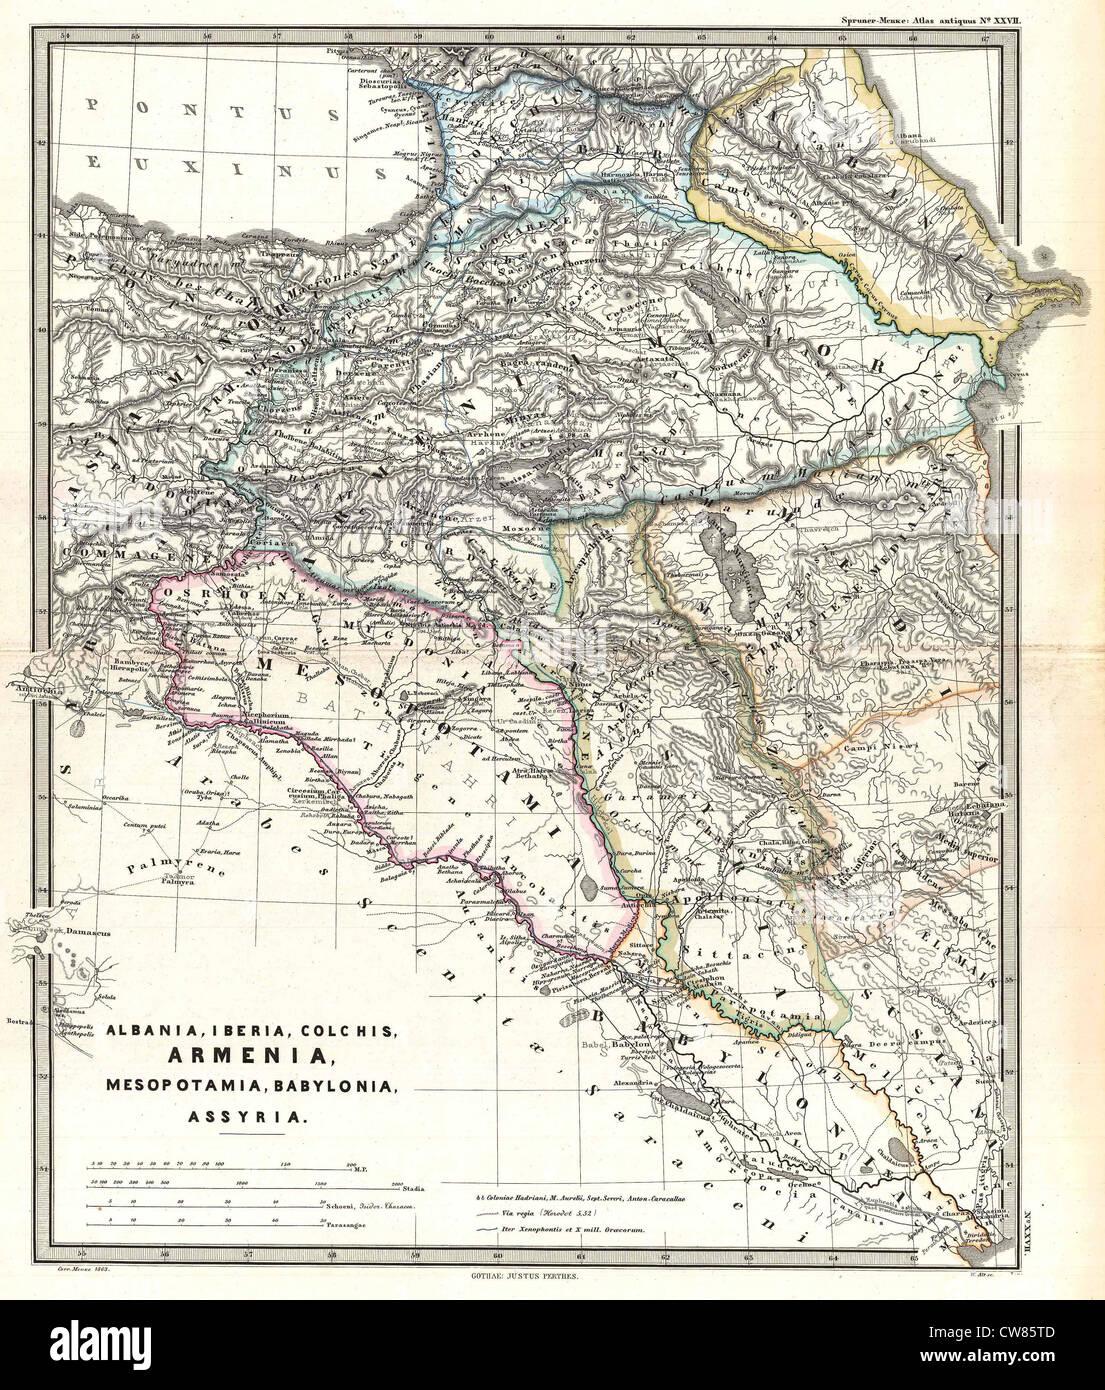 1965 Spruner Mapa del Cáucaso y el Iraq en la antigüedad Imagen De Stock